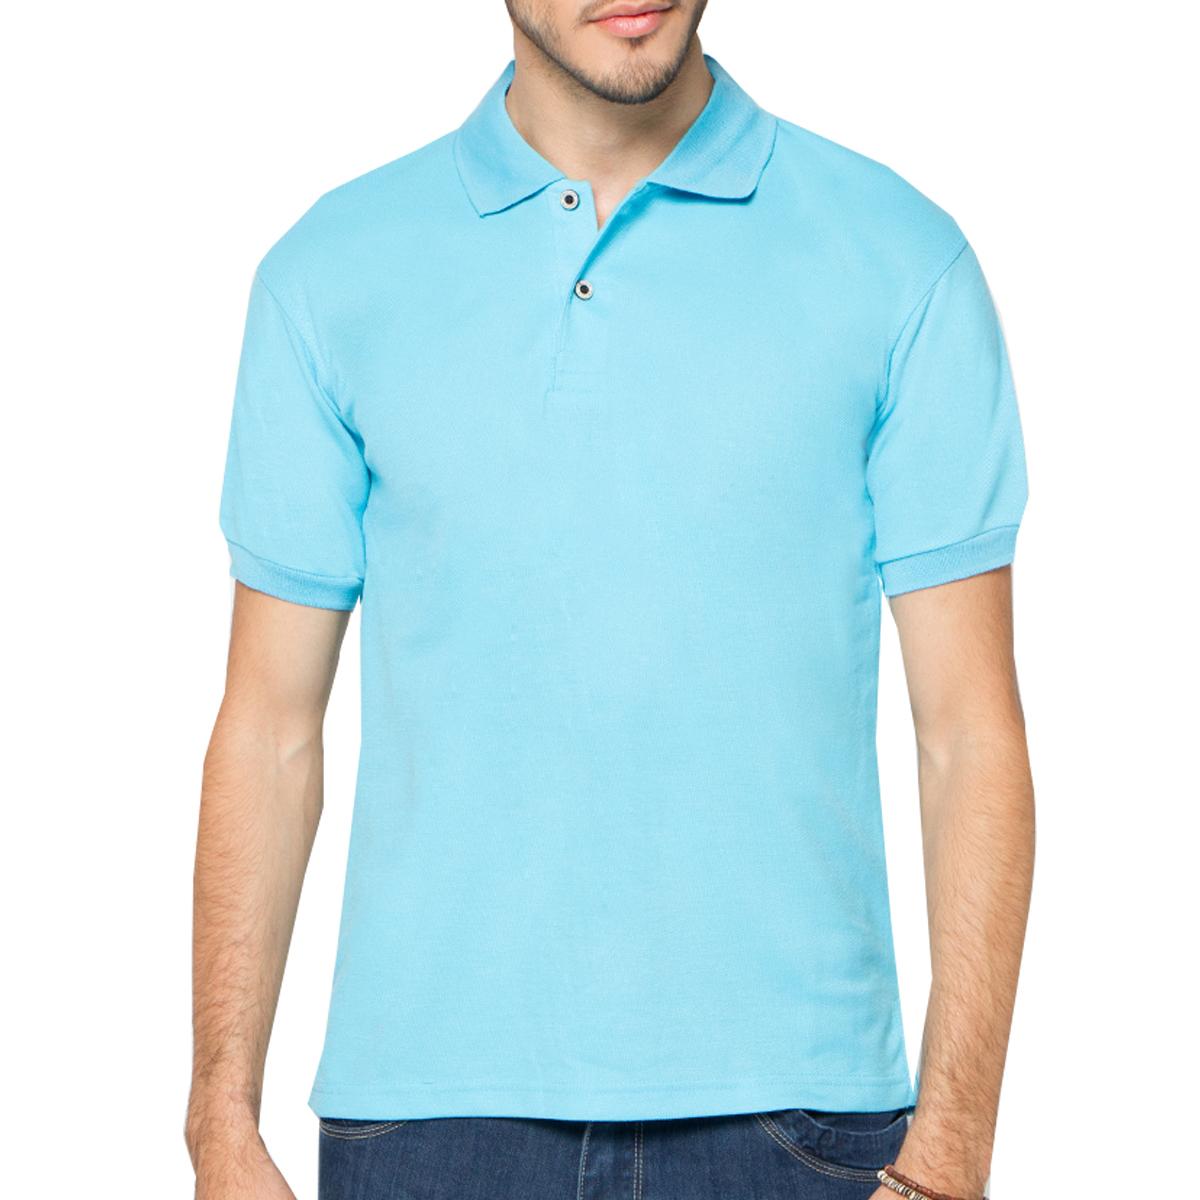 desain baju terbaru untuk wanita pria dan remaja   ragam